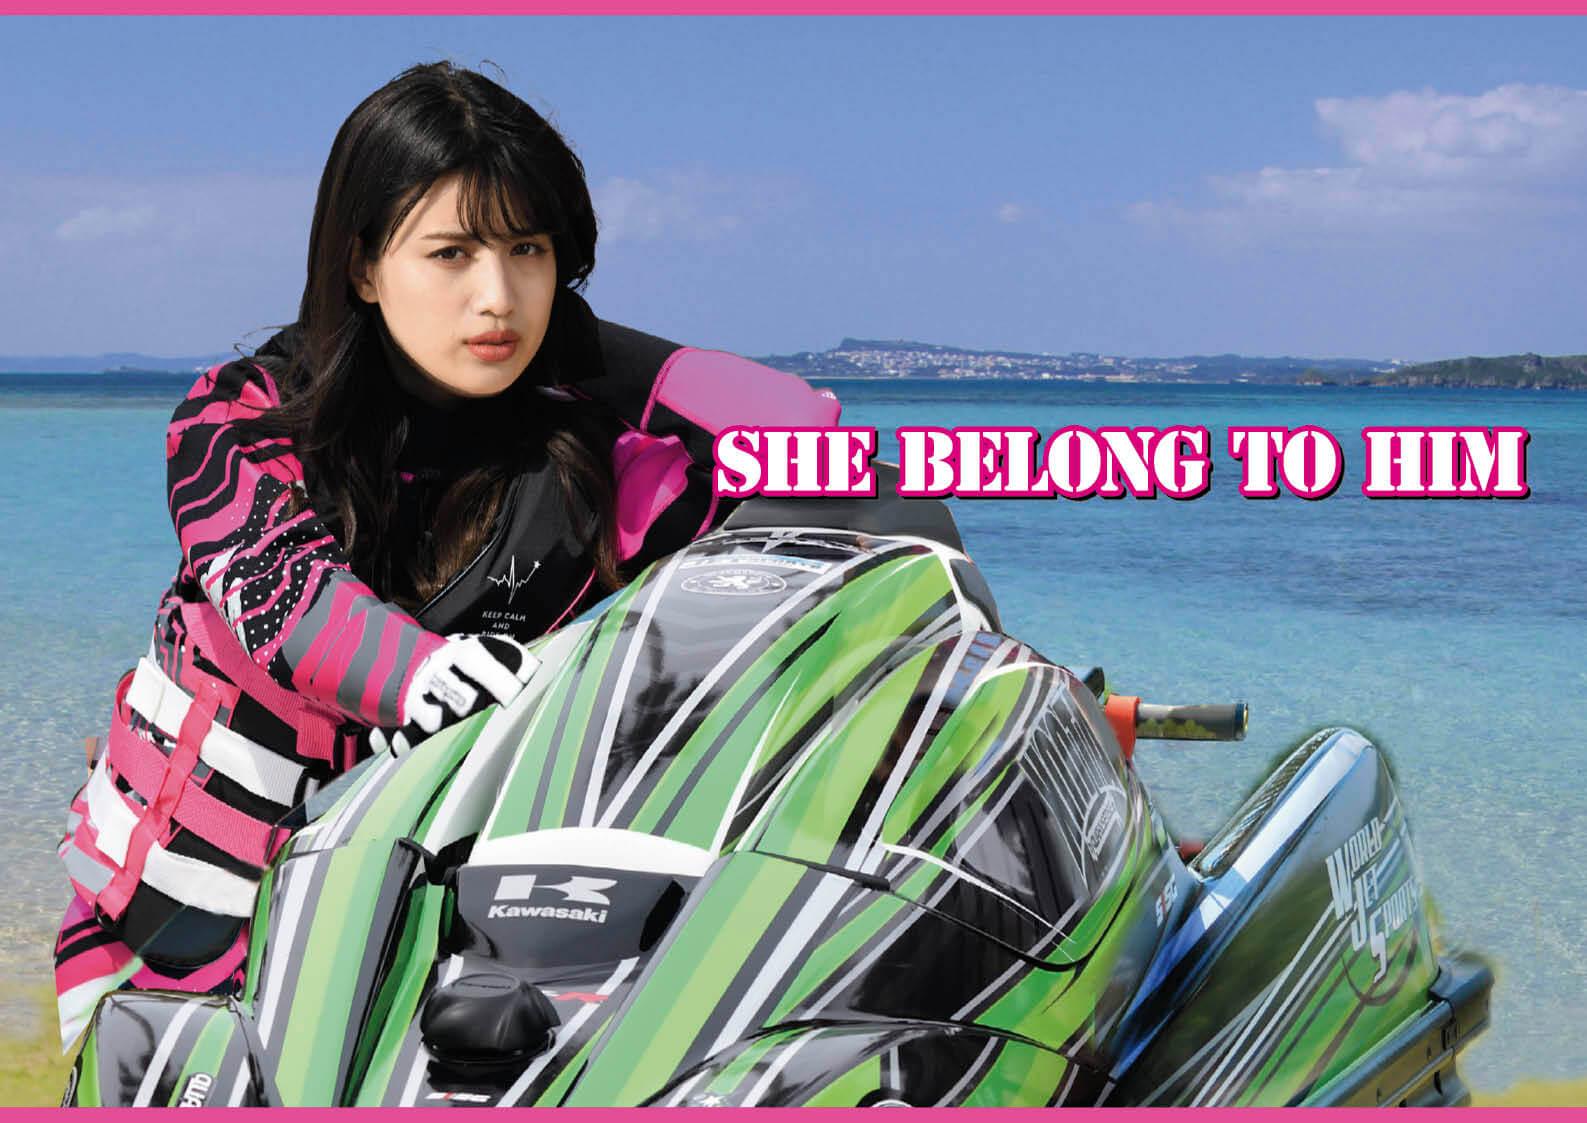 ジェットスキーコラム 盗難防止(水上バイク)